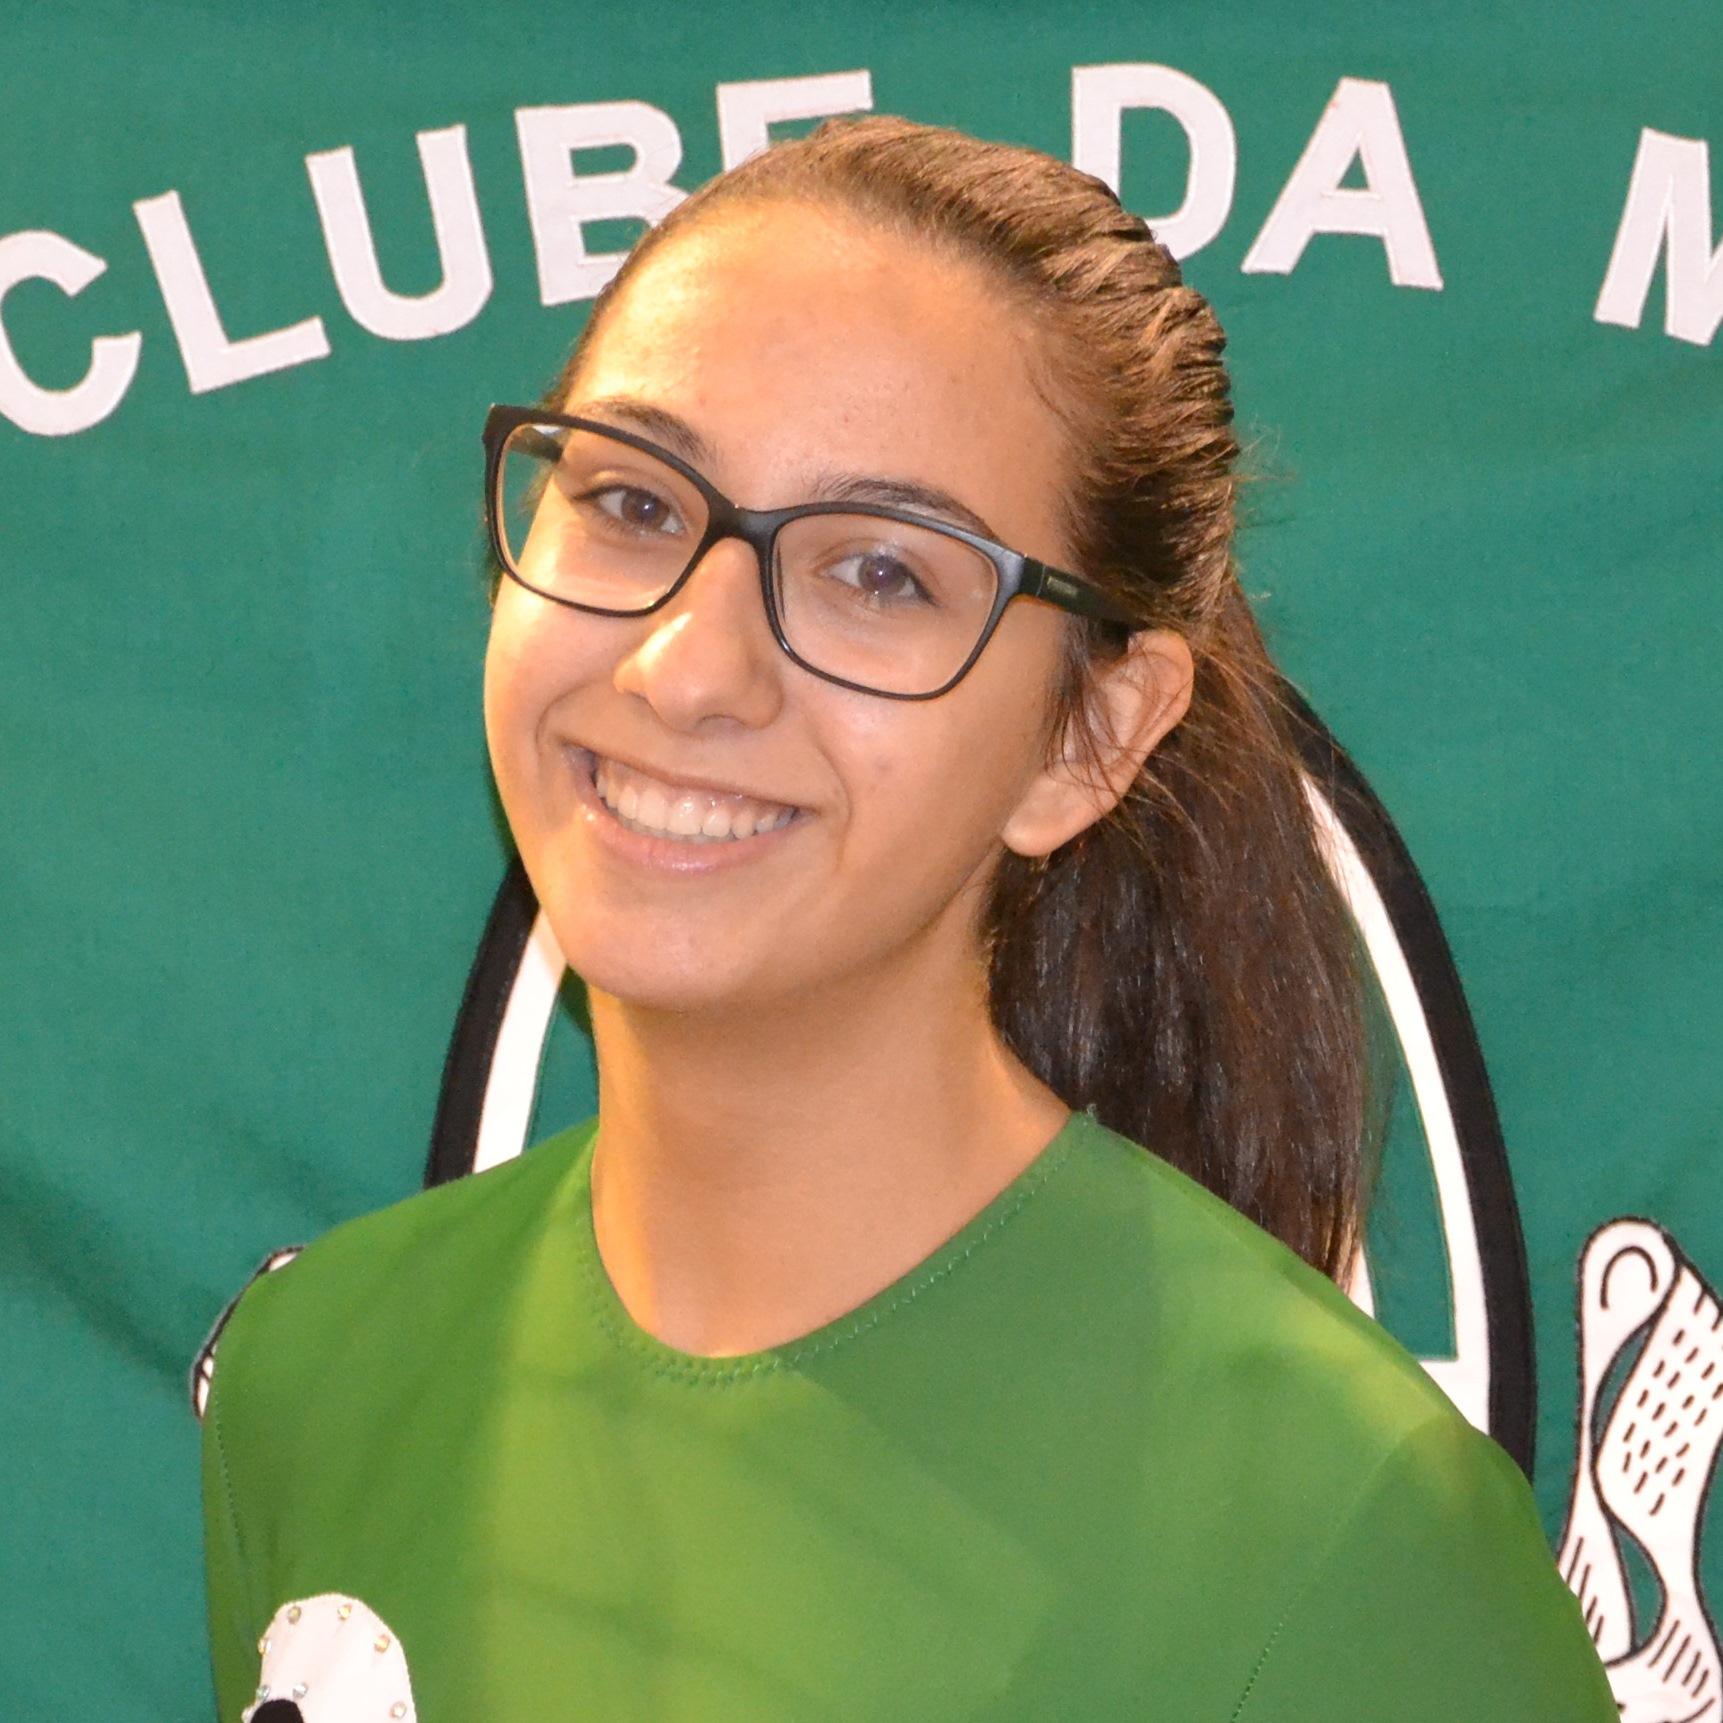 Carolina Estronca